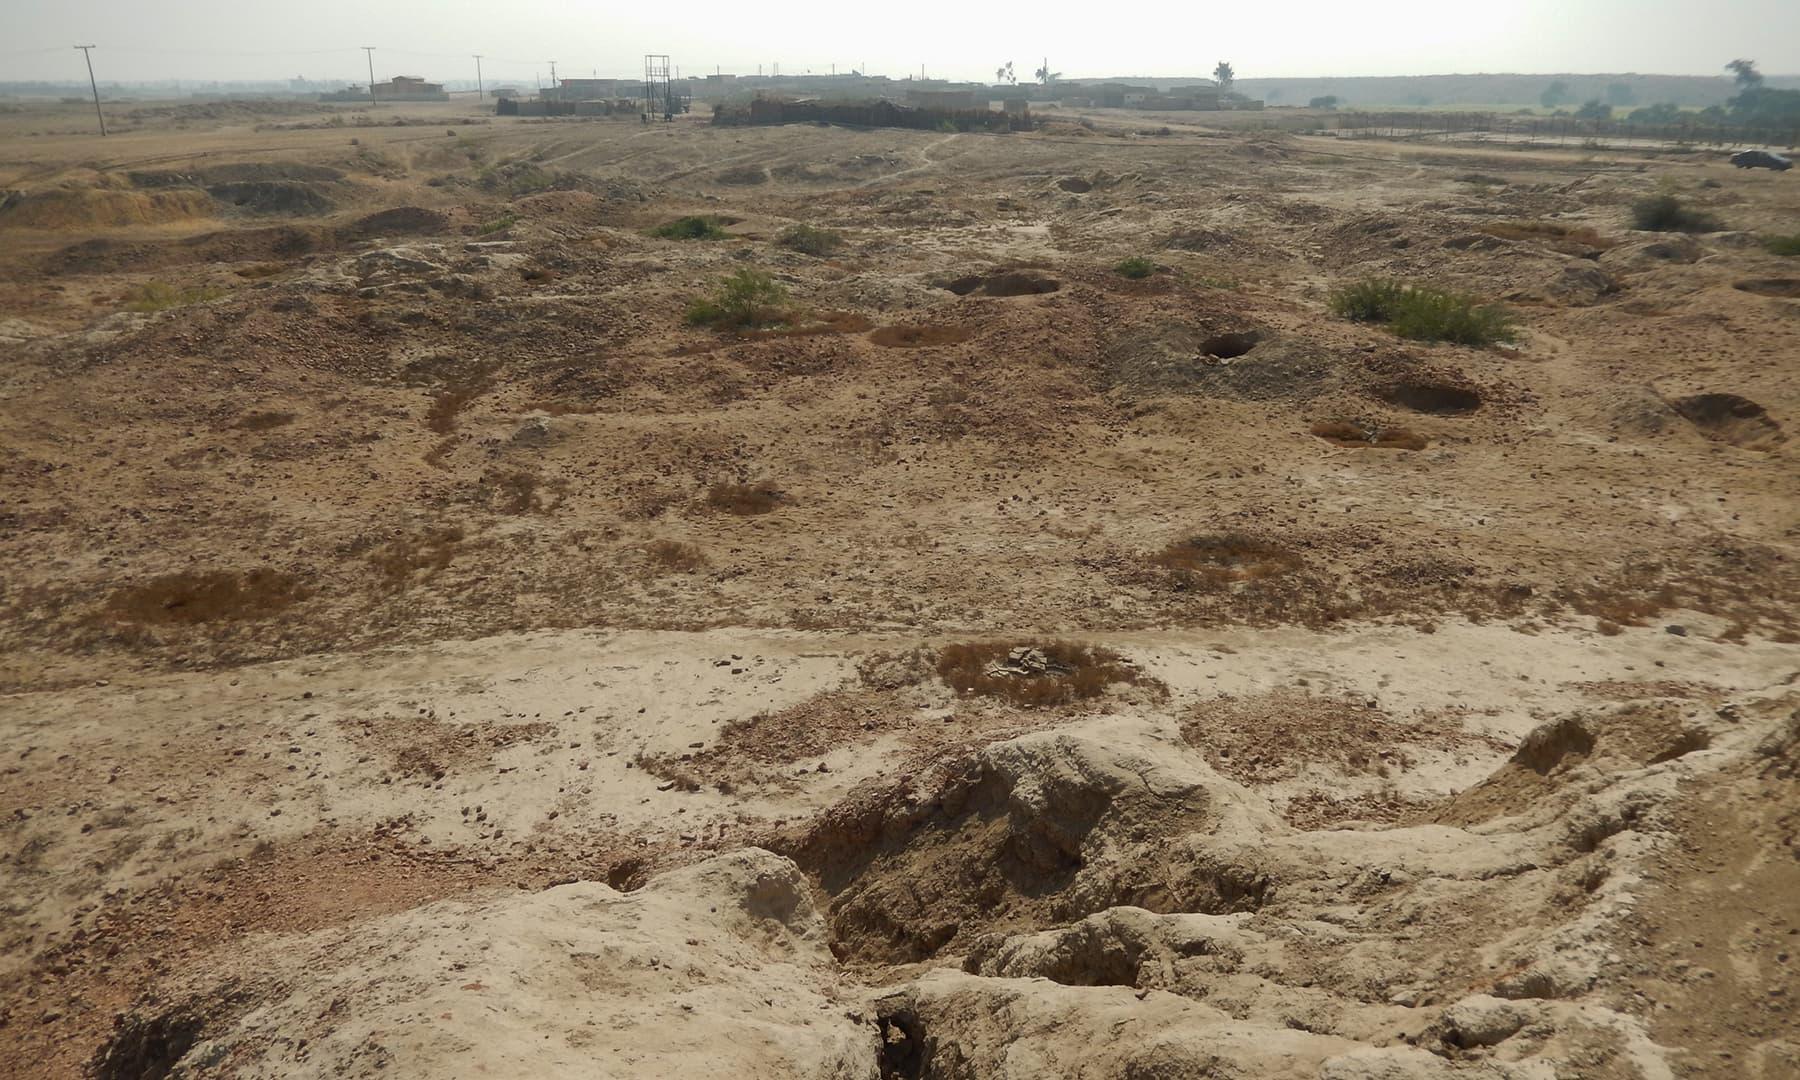 بدھ اسٹوپا کی آثار قدیمہ سائٹ پر تعمیر کیے گئے گھر— تصویر ابوبکر شیخ